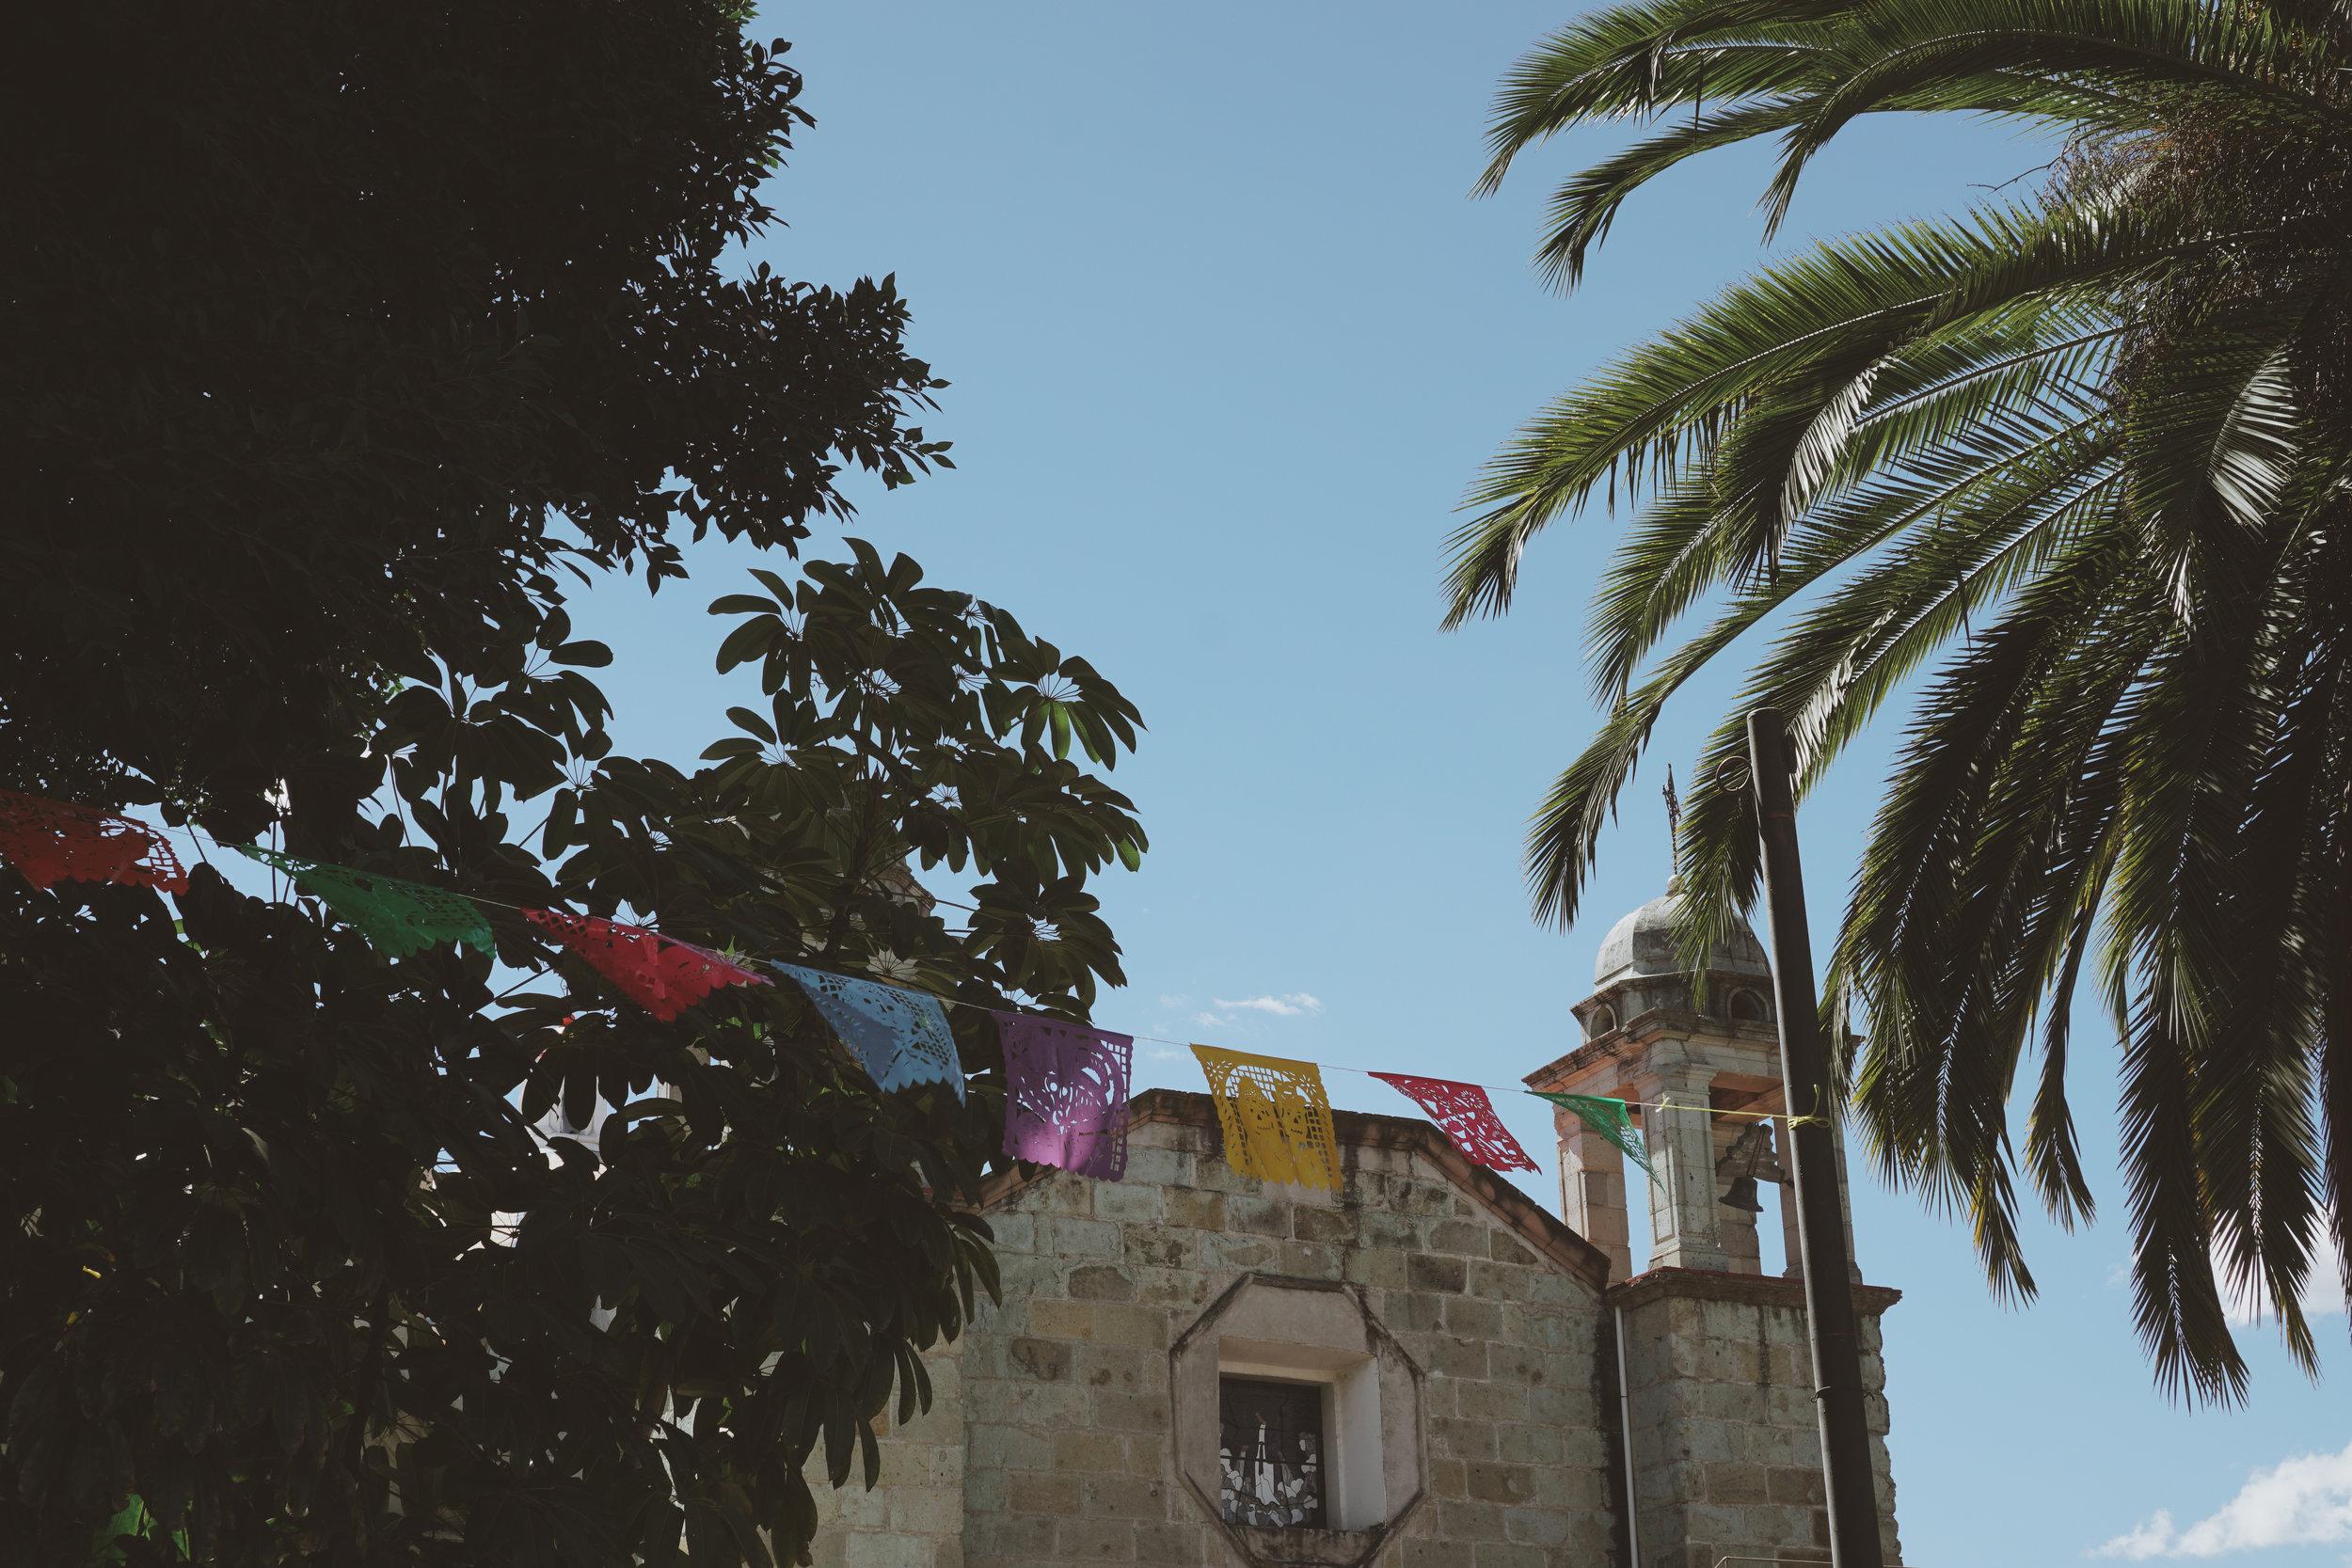 Insiders Guide to Oaxaca - www.letsregale.com 69.jpg